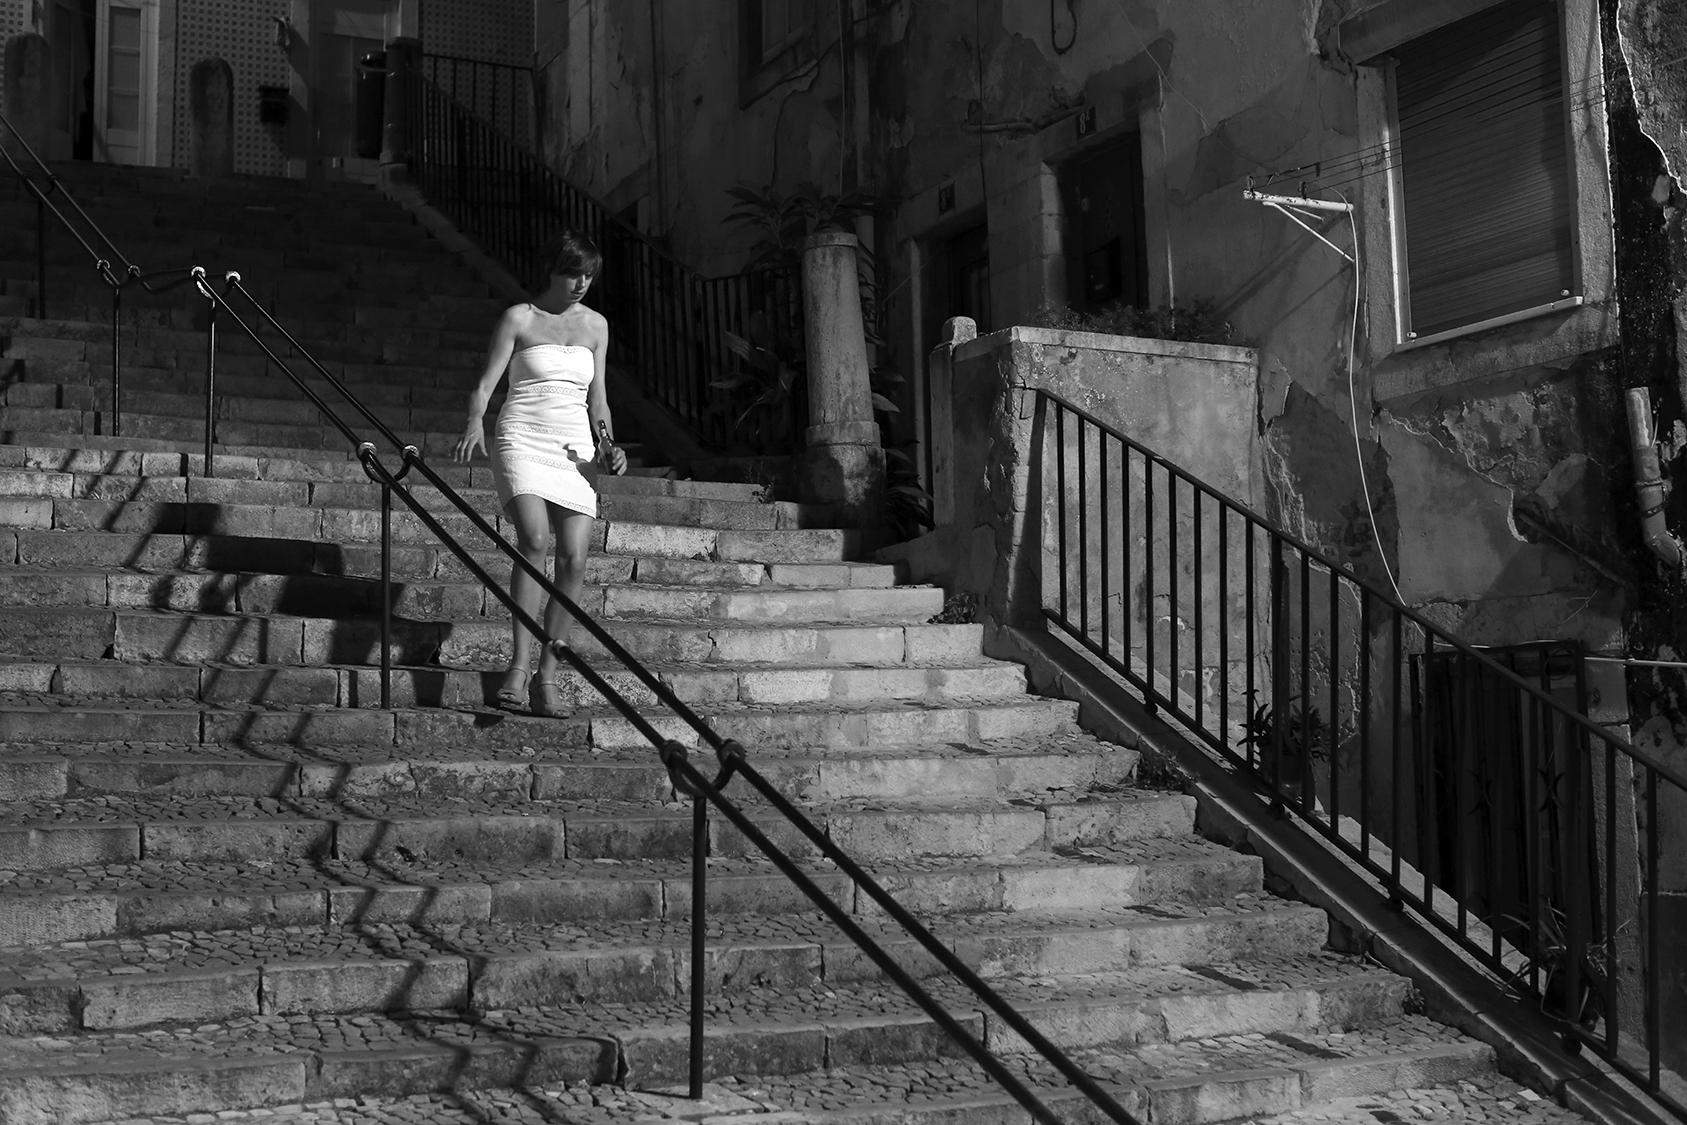 Cédric Sartore : Lisboa 2